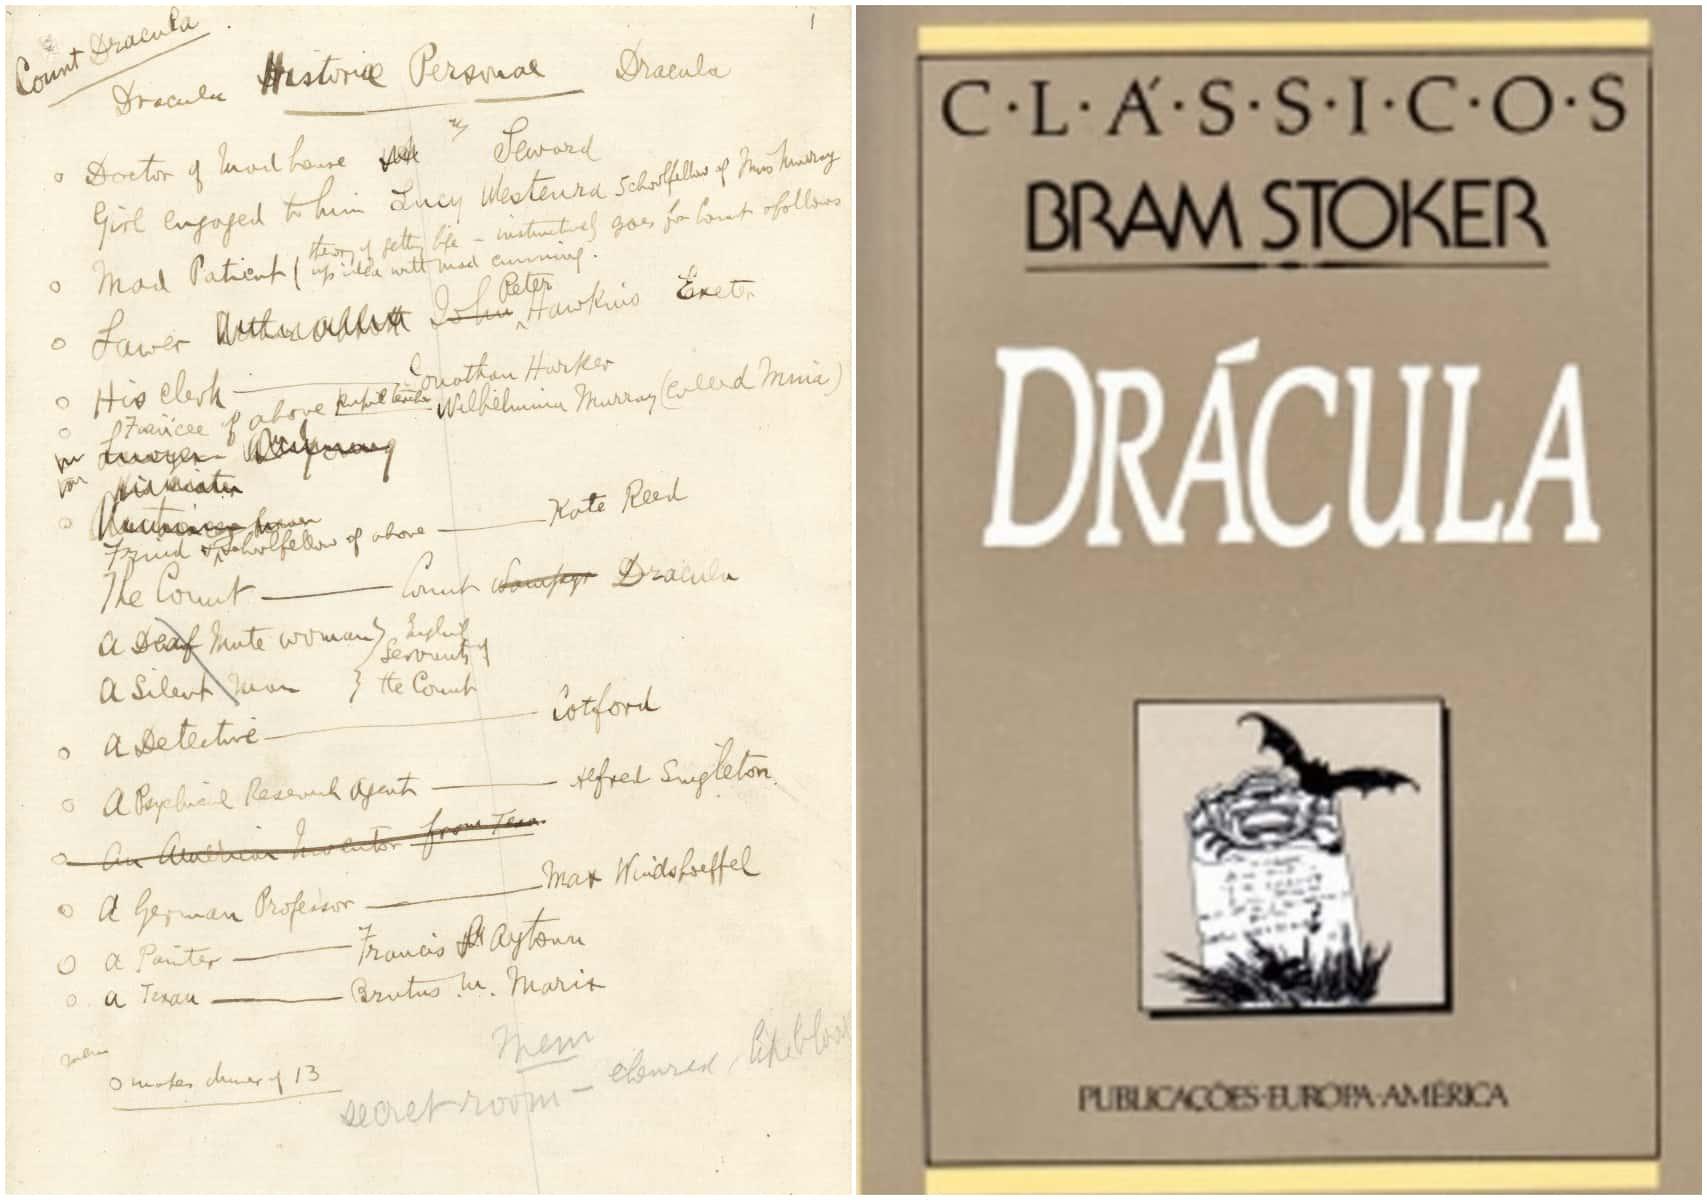 Bram Stoker facts